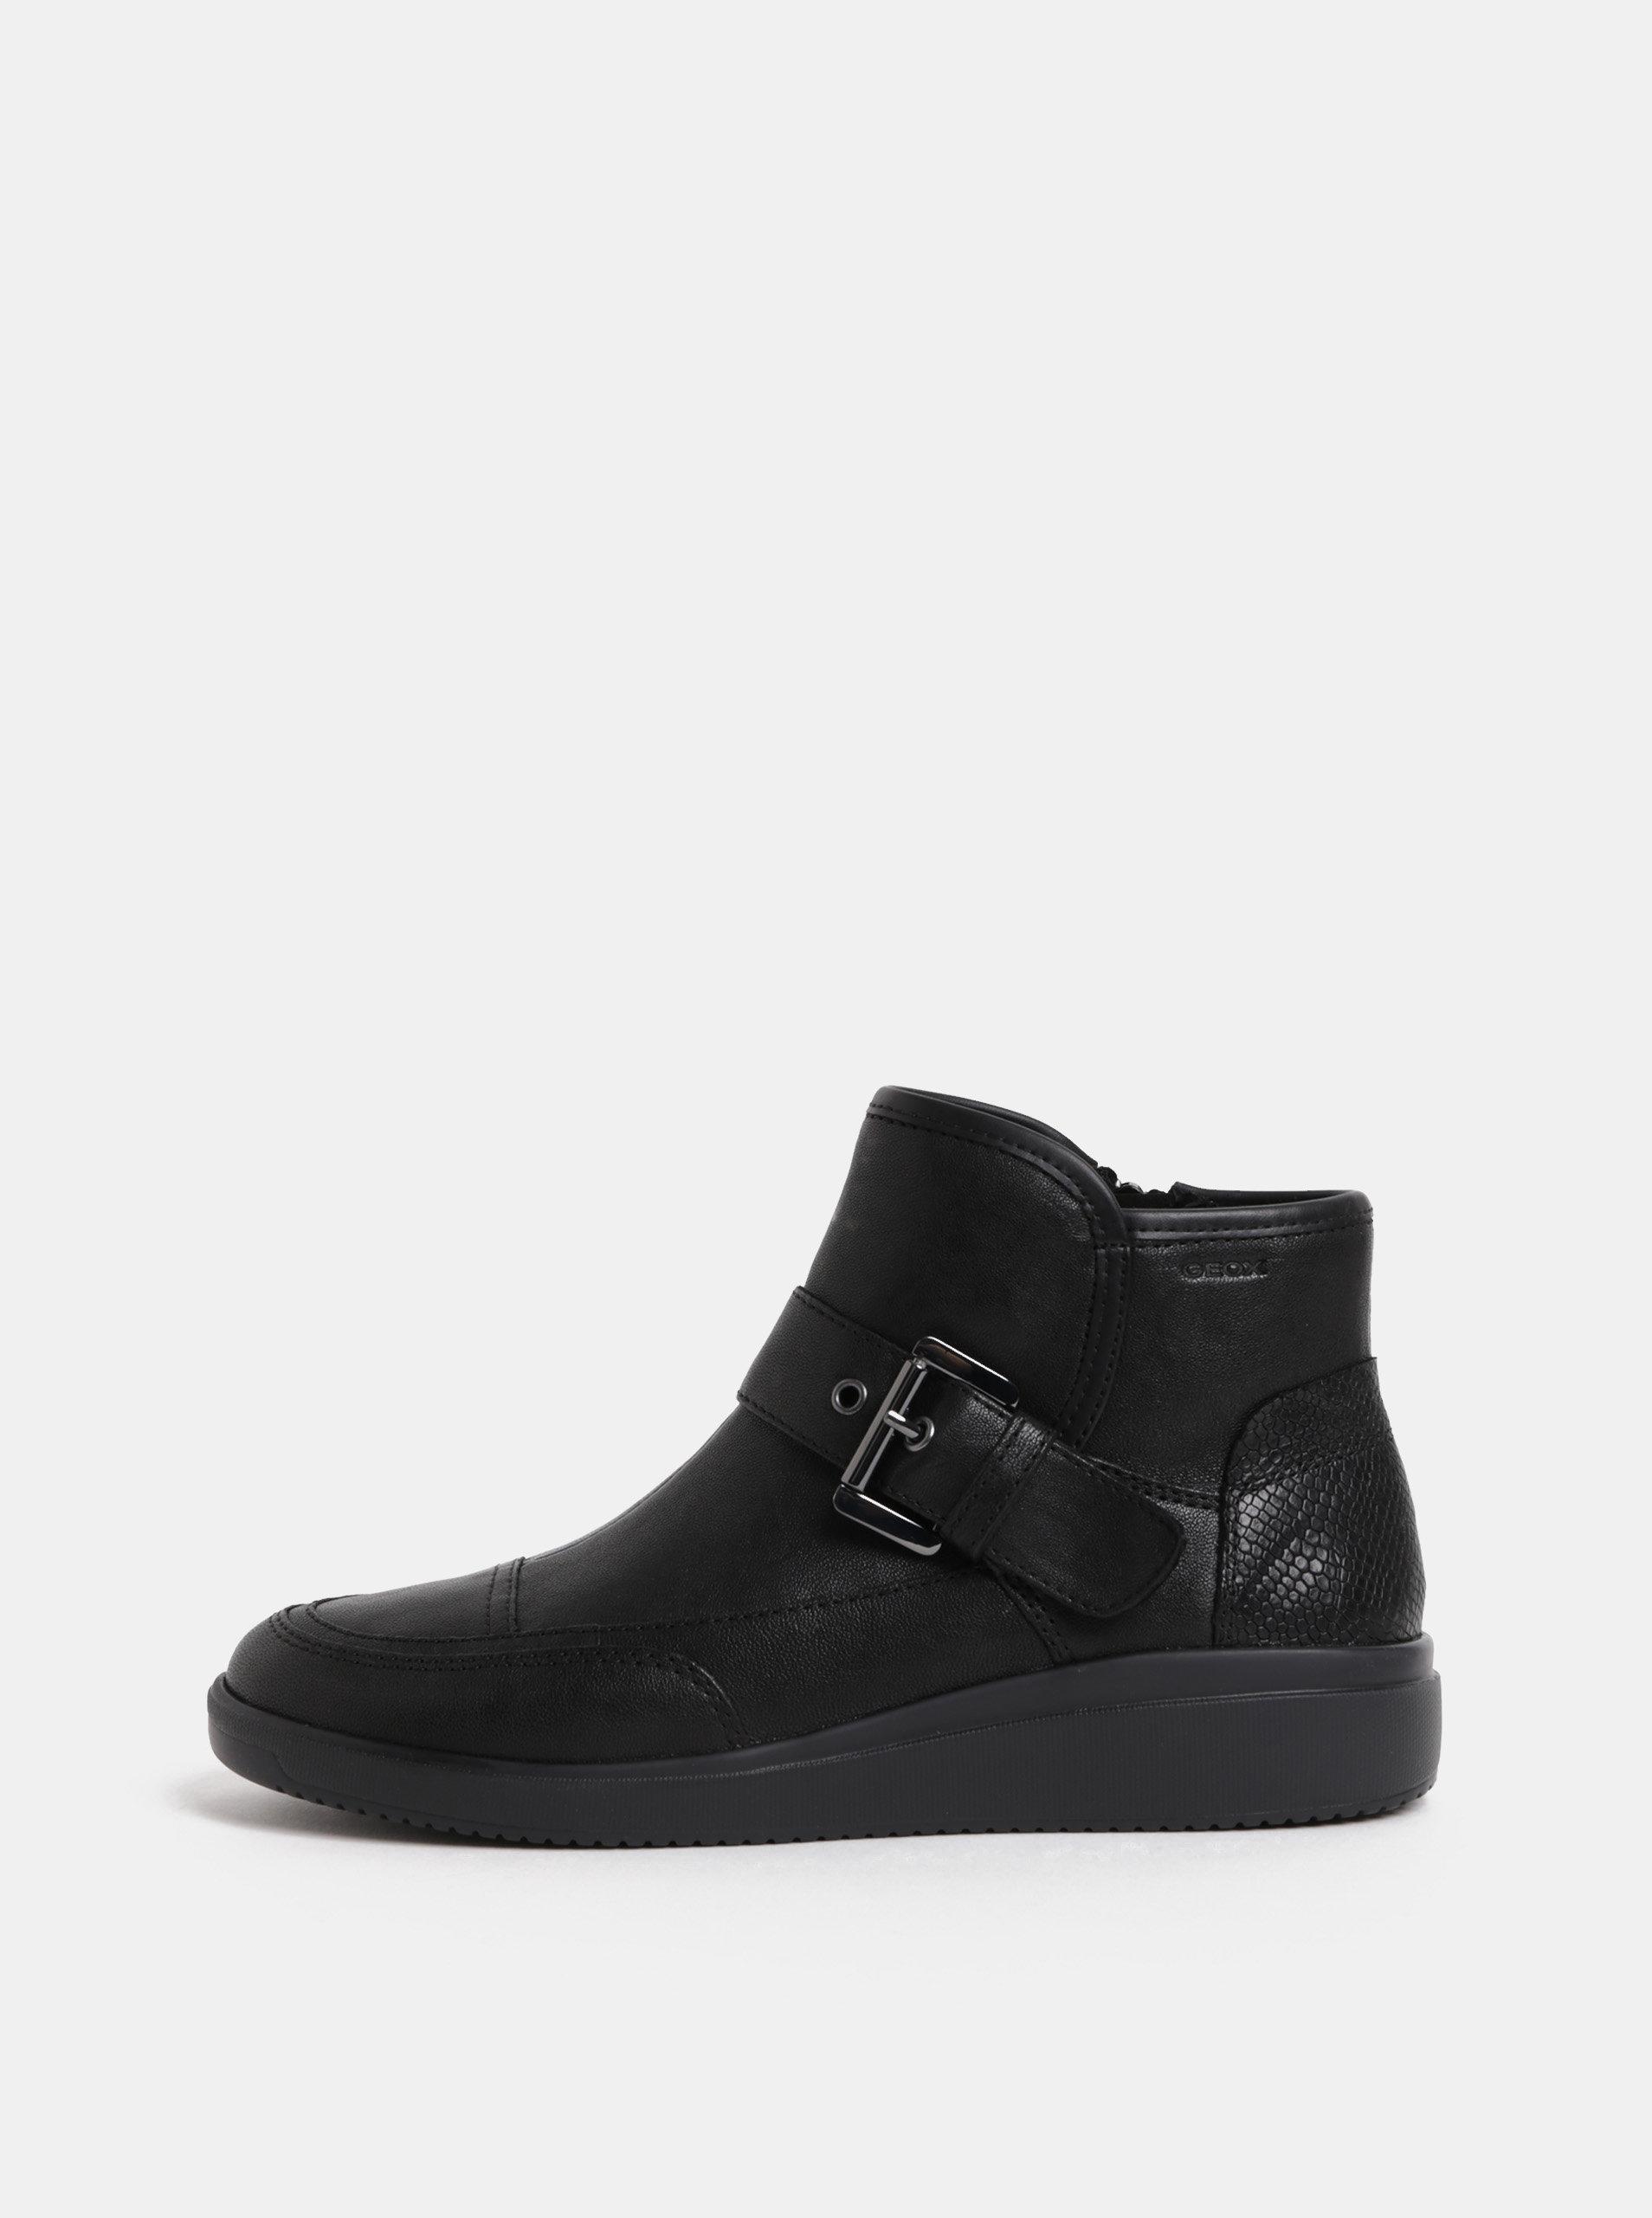 Čierne dámske kožené členkové topánky s remienkom Geox Tahina ... 83167a9ee9